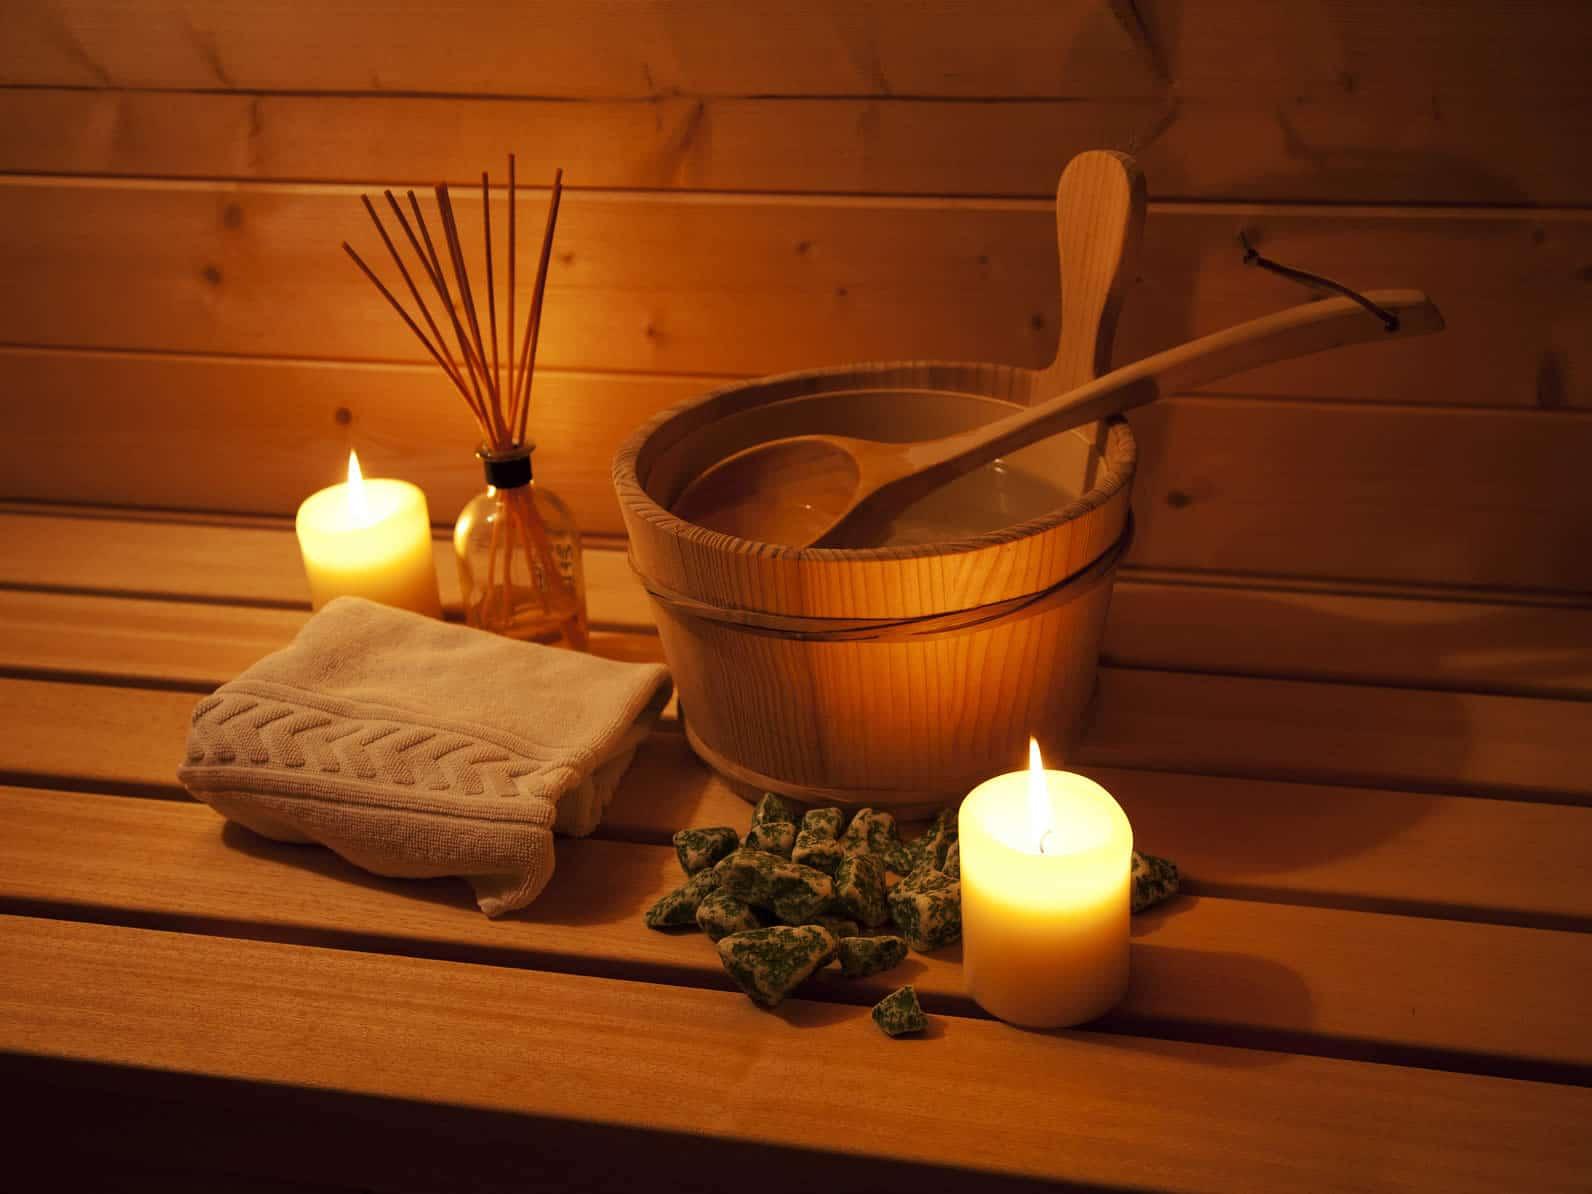 """Sebelum mandi air panas atau sauna lepas dahulu emas perhiasan yang Anda pergunakan via <a href=""""http://fabsauna.com/wp-content/uploads/2015/02/sauna.jpg"""">fabsauna.com</a>"""